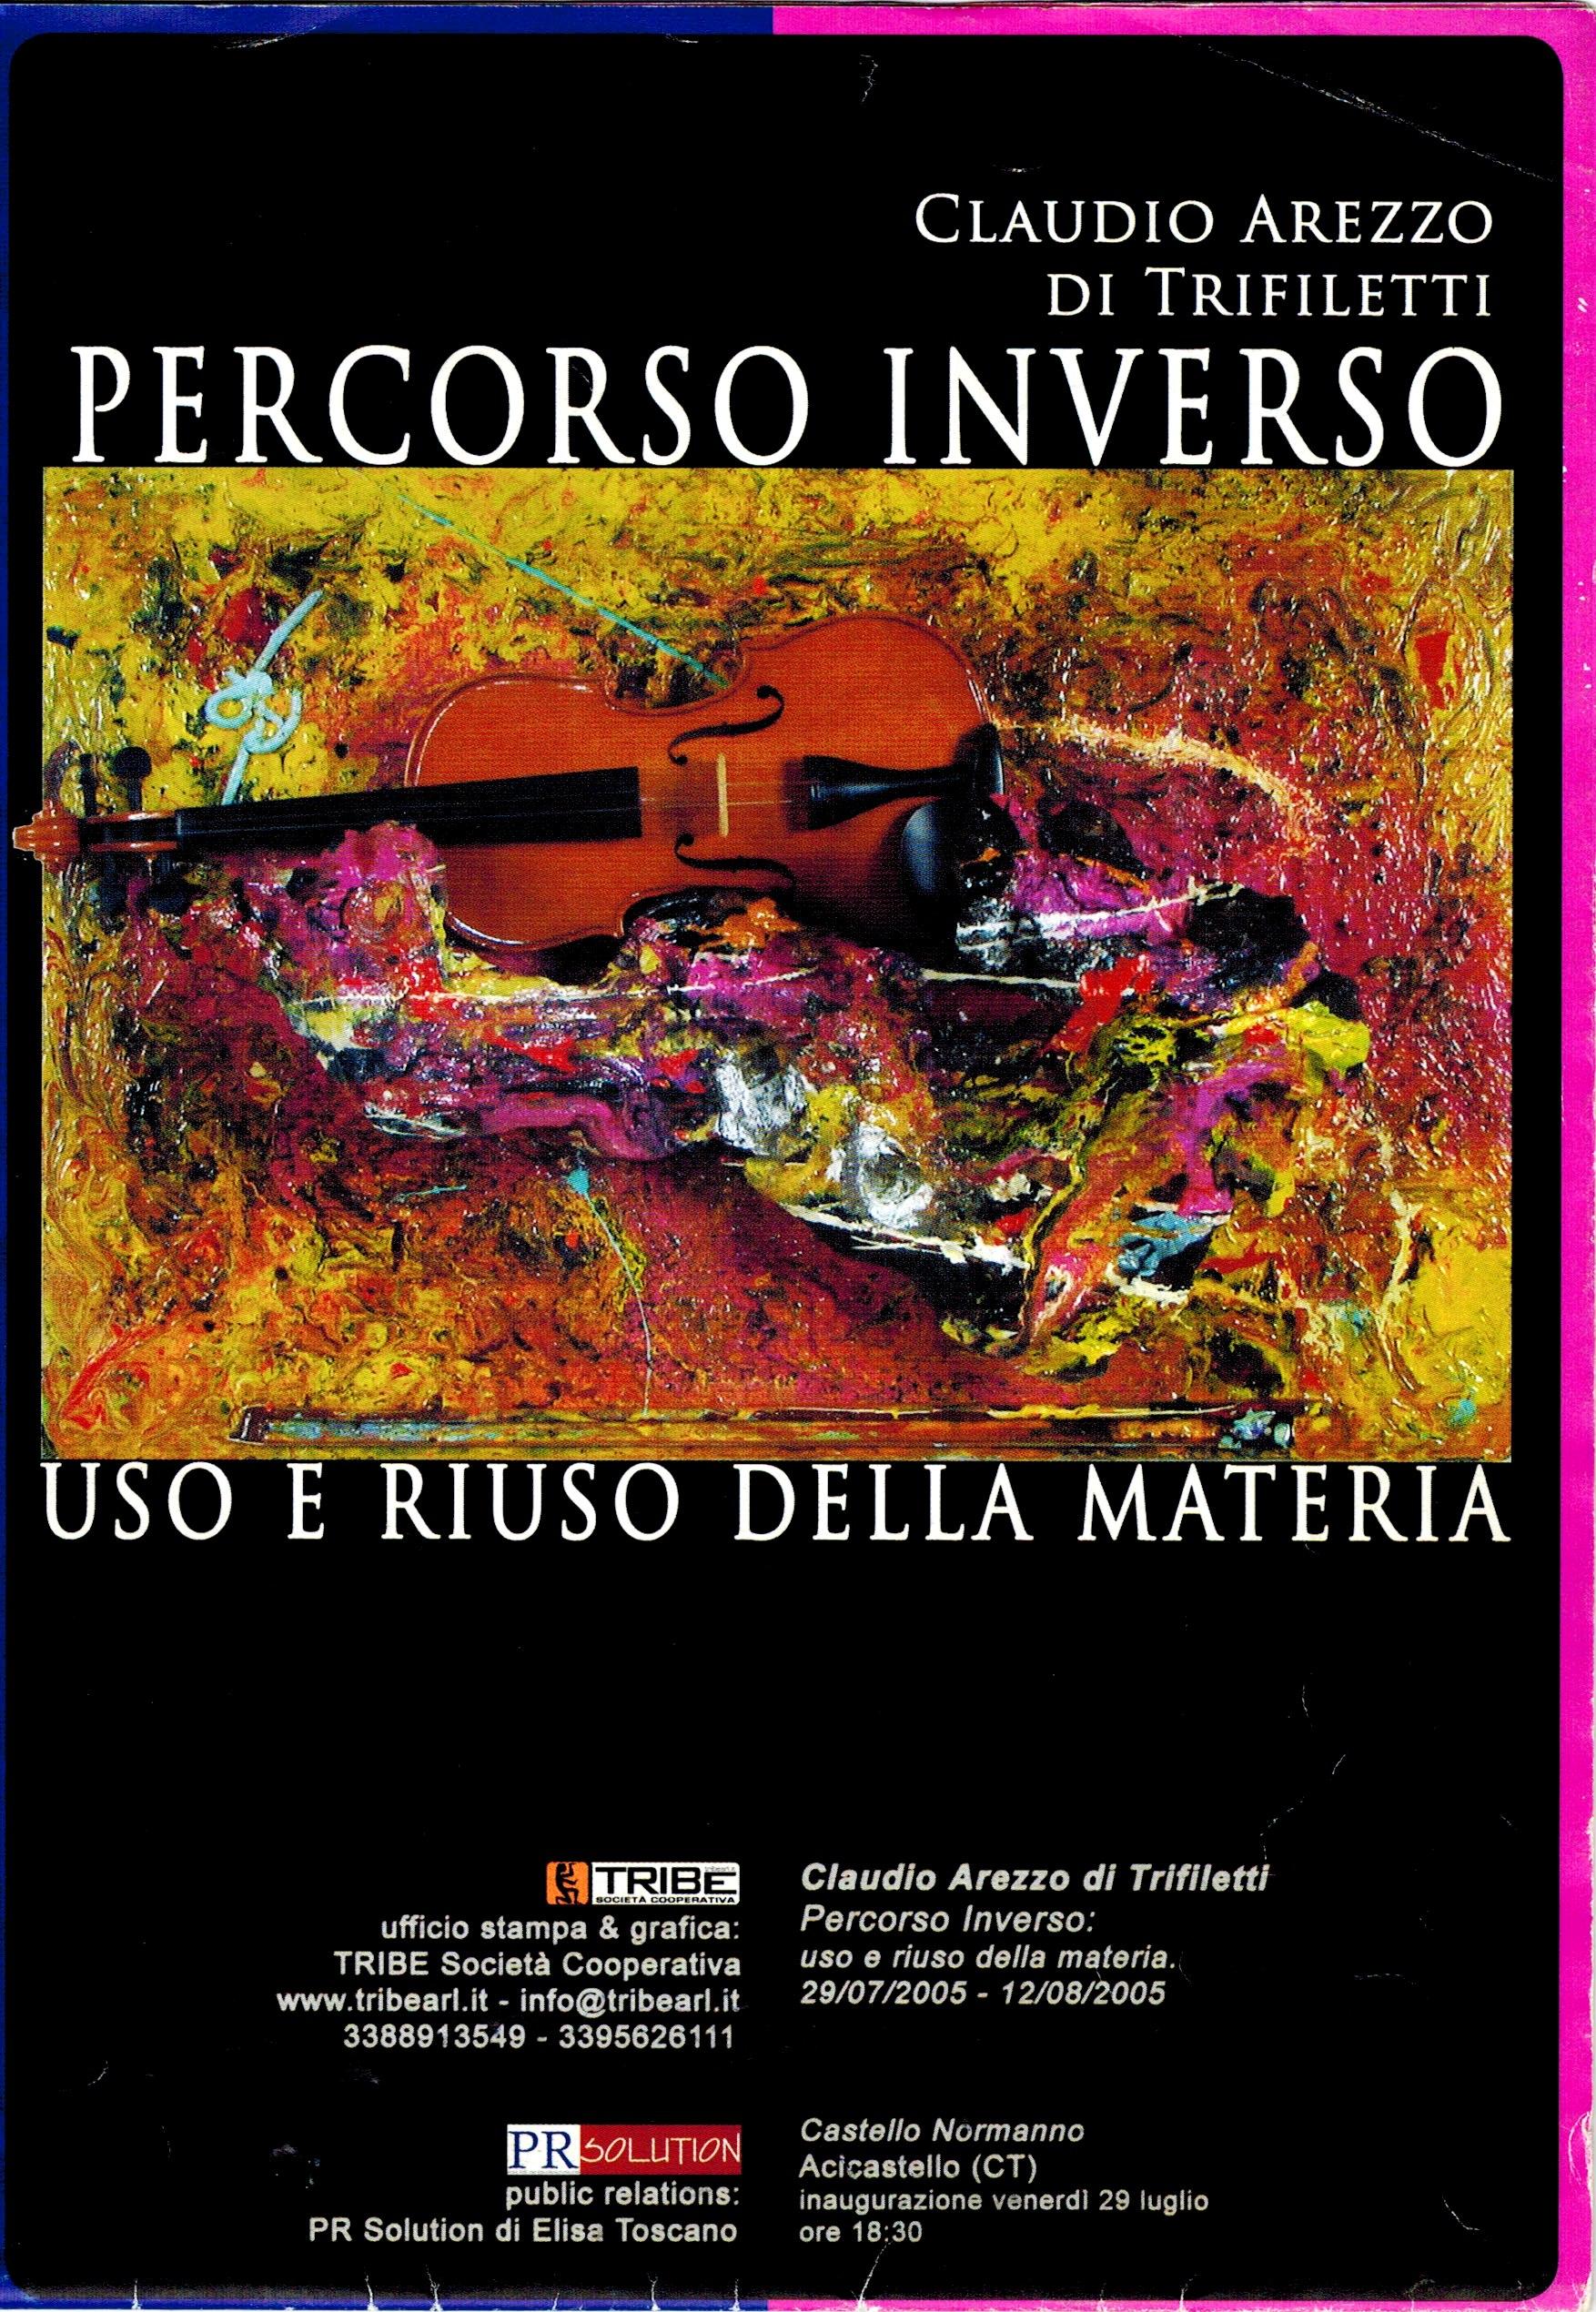 USO E RIUSO DELLA MATERIA - PERCORSO INVERSO